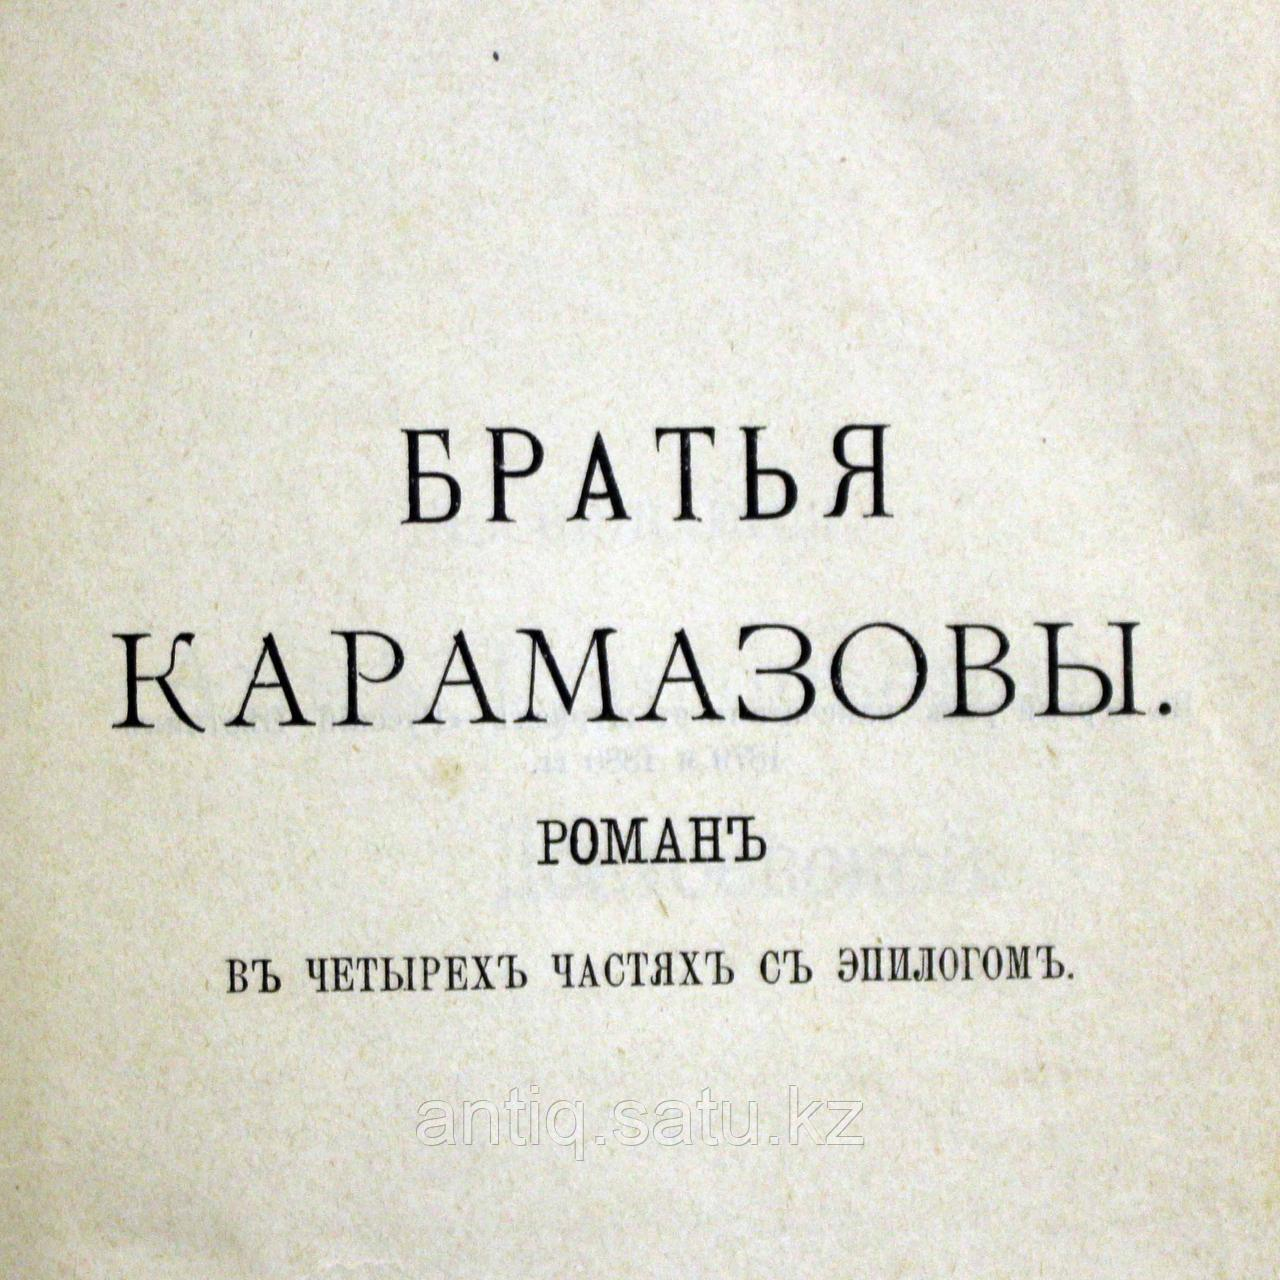 «БРАТЬЯ КАРАМАЗОВЫ» Автор - Ф. М. Достоевский (1821-1881). - фото 2